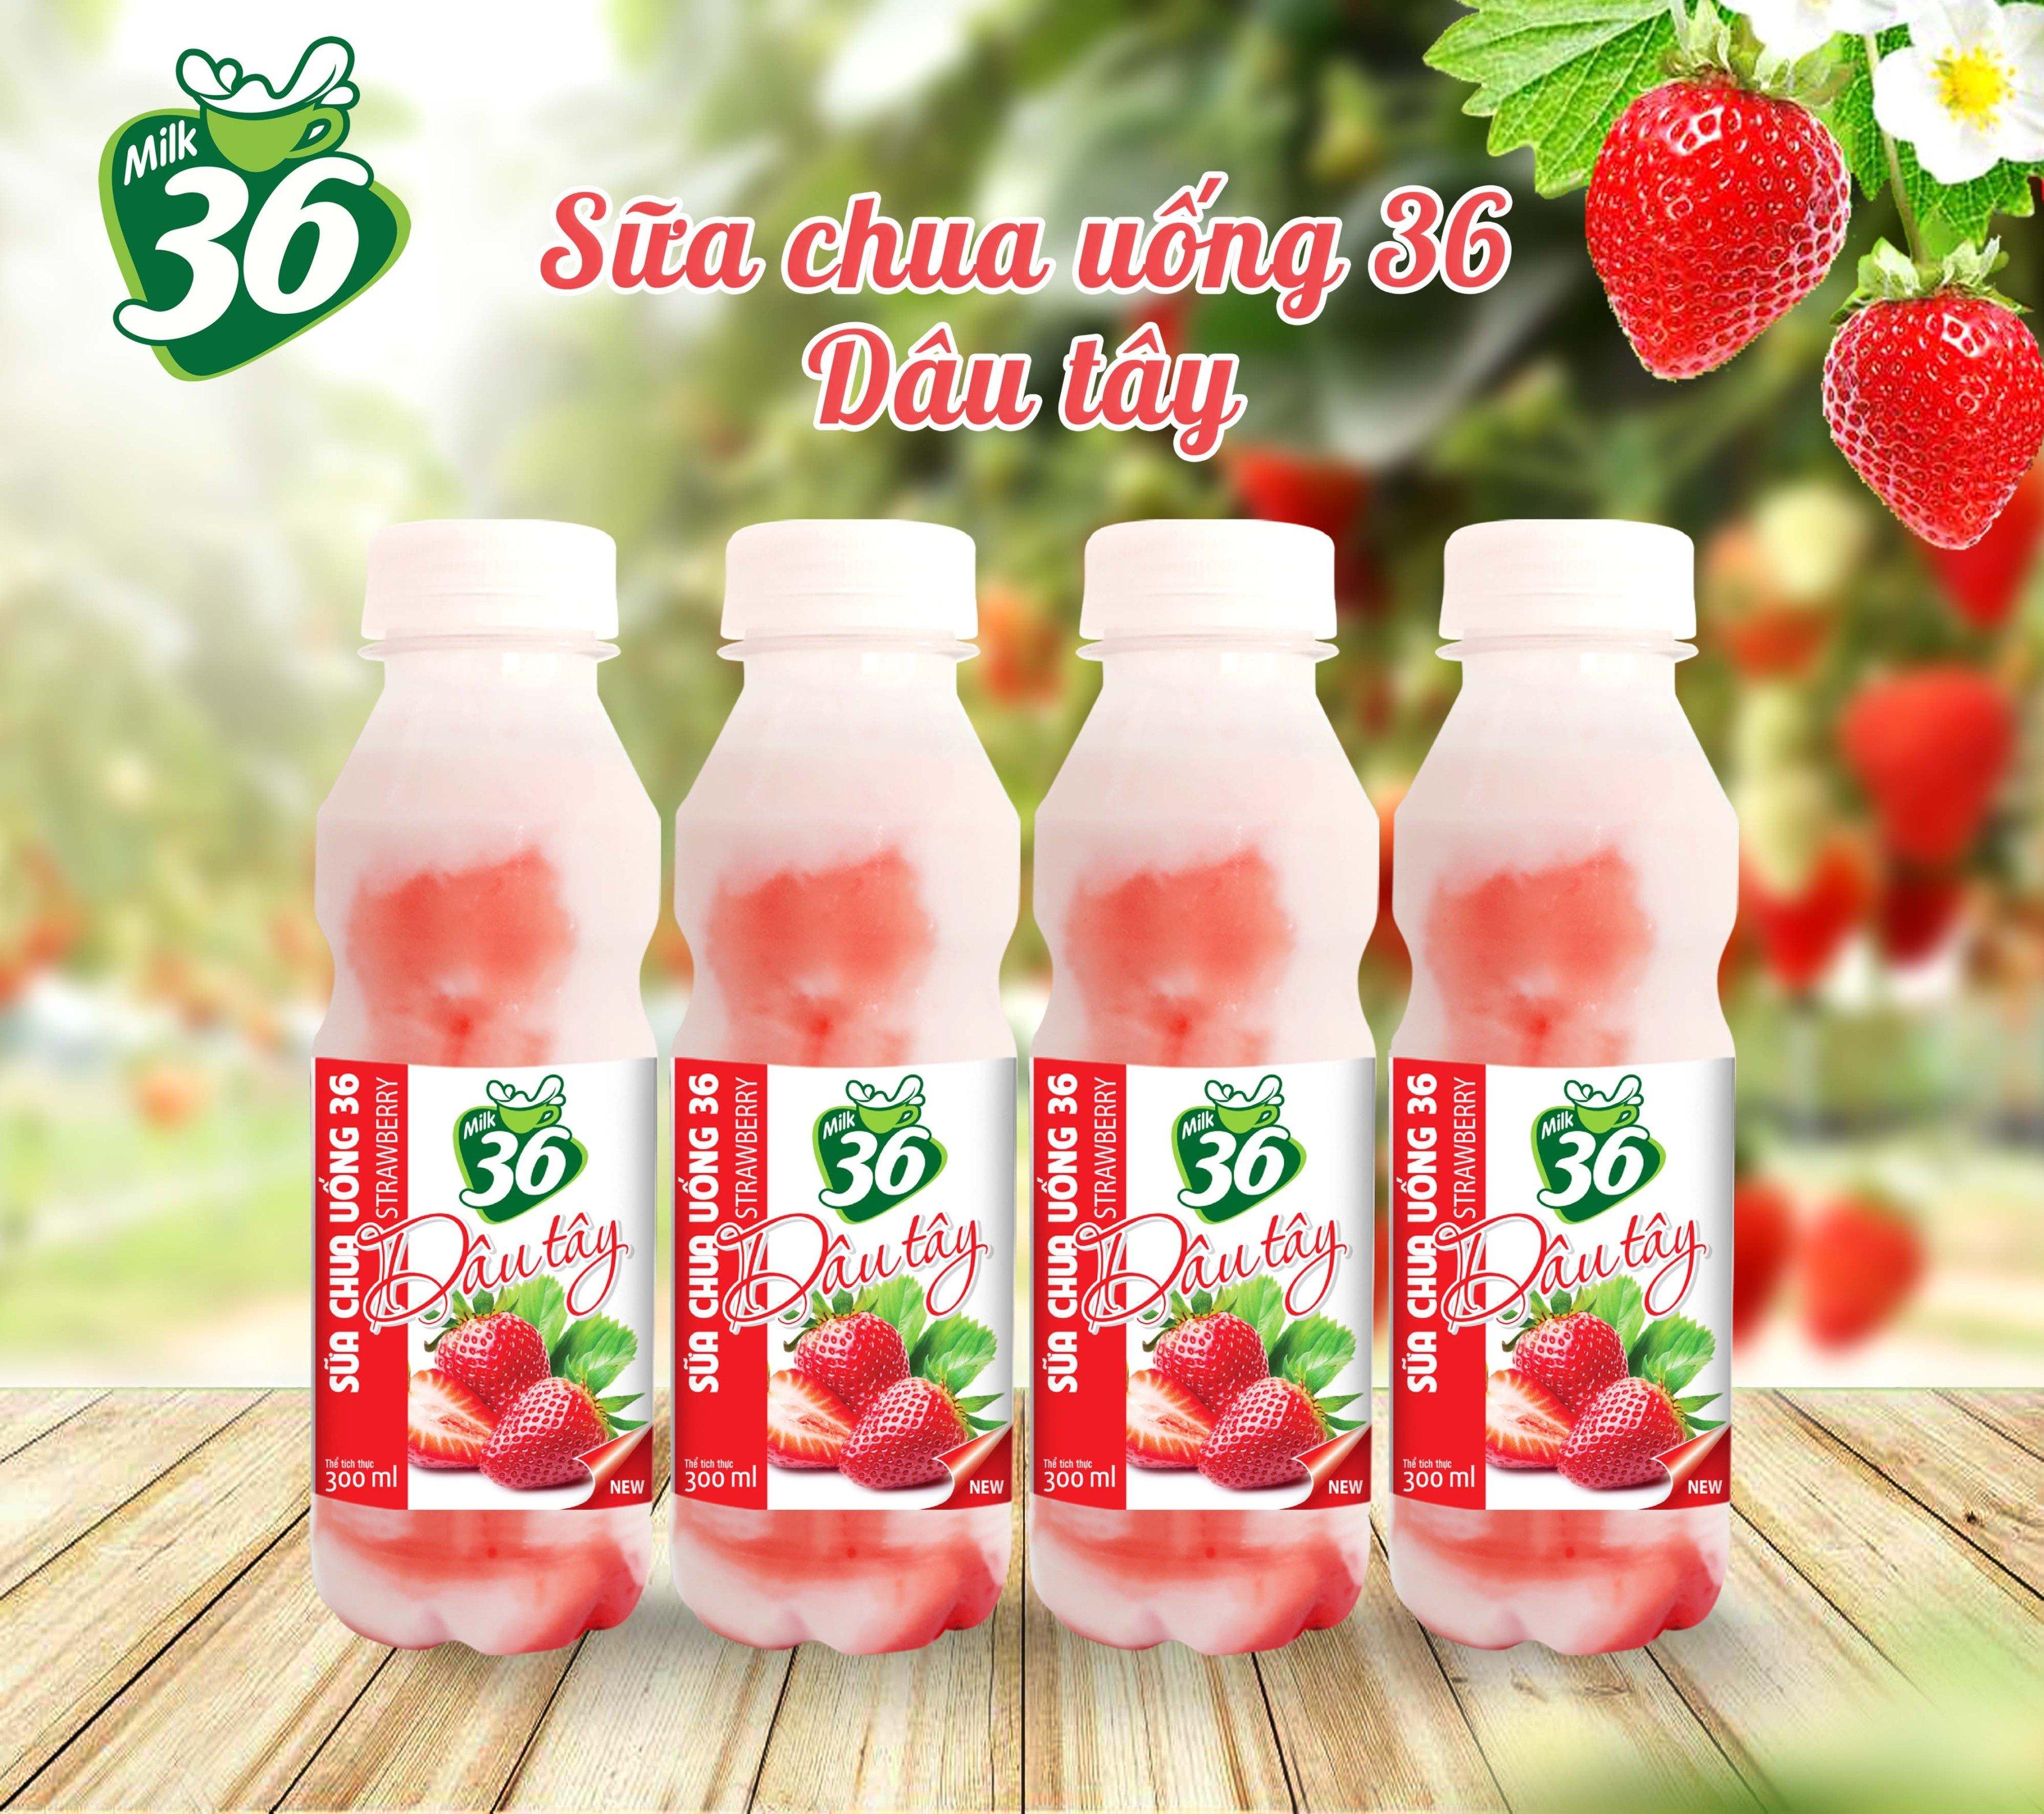 Sữa chua uống 36 dâu tây